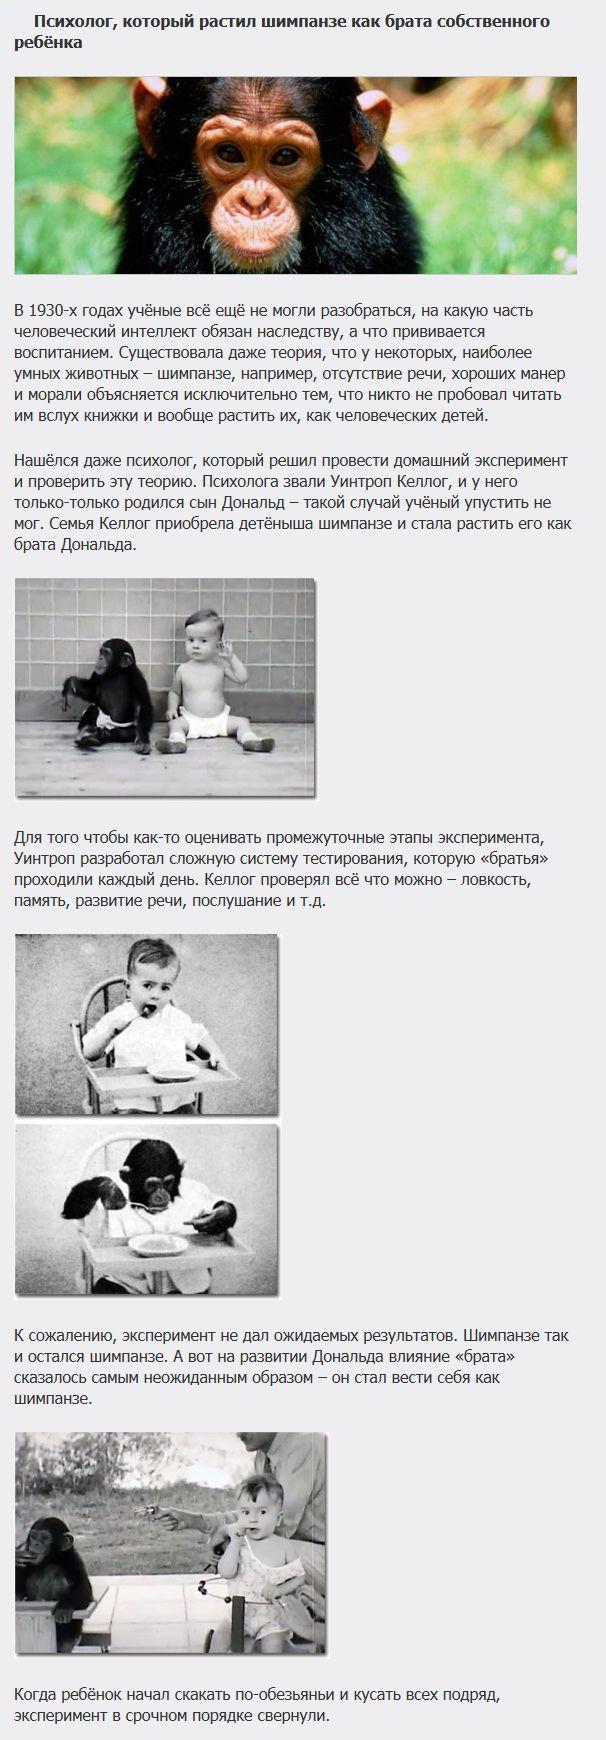 ТОП-5 самых ужасающих экспериментов над детьми (5 фото)